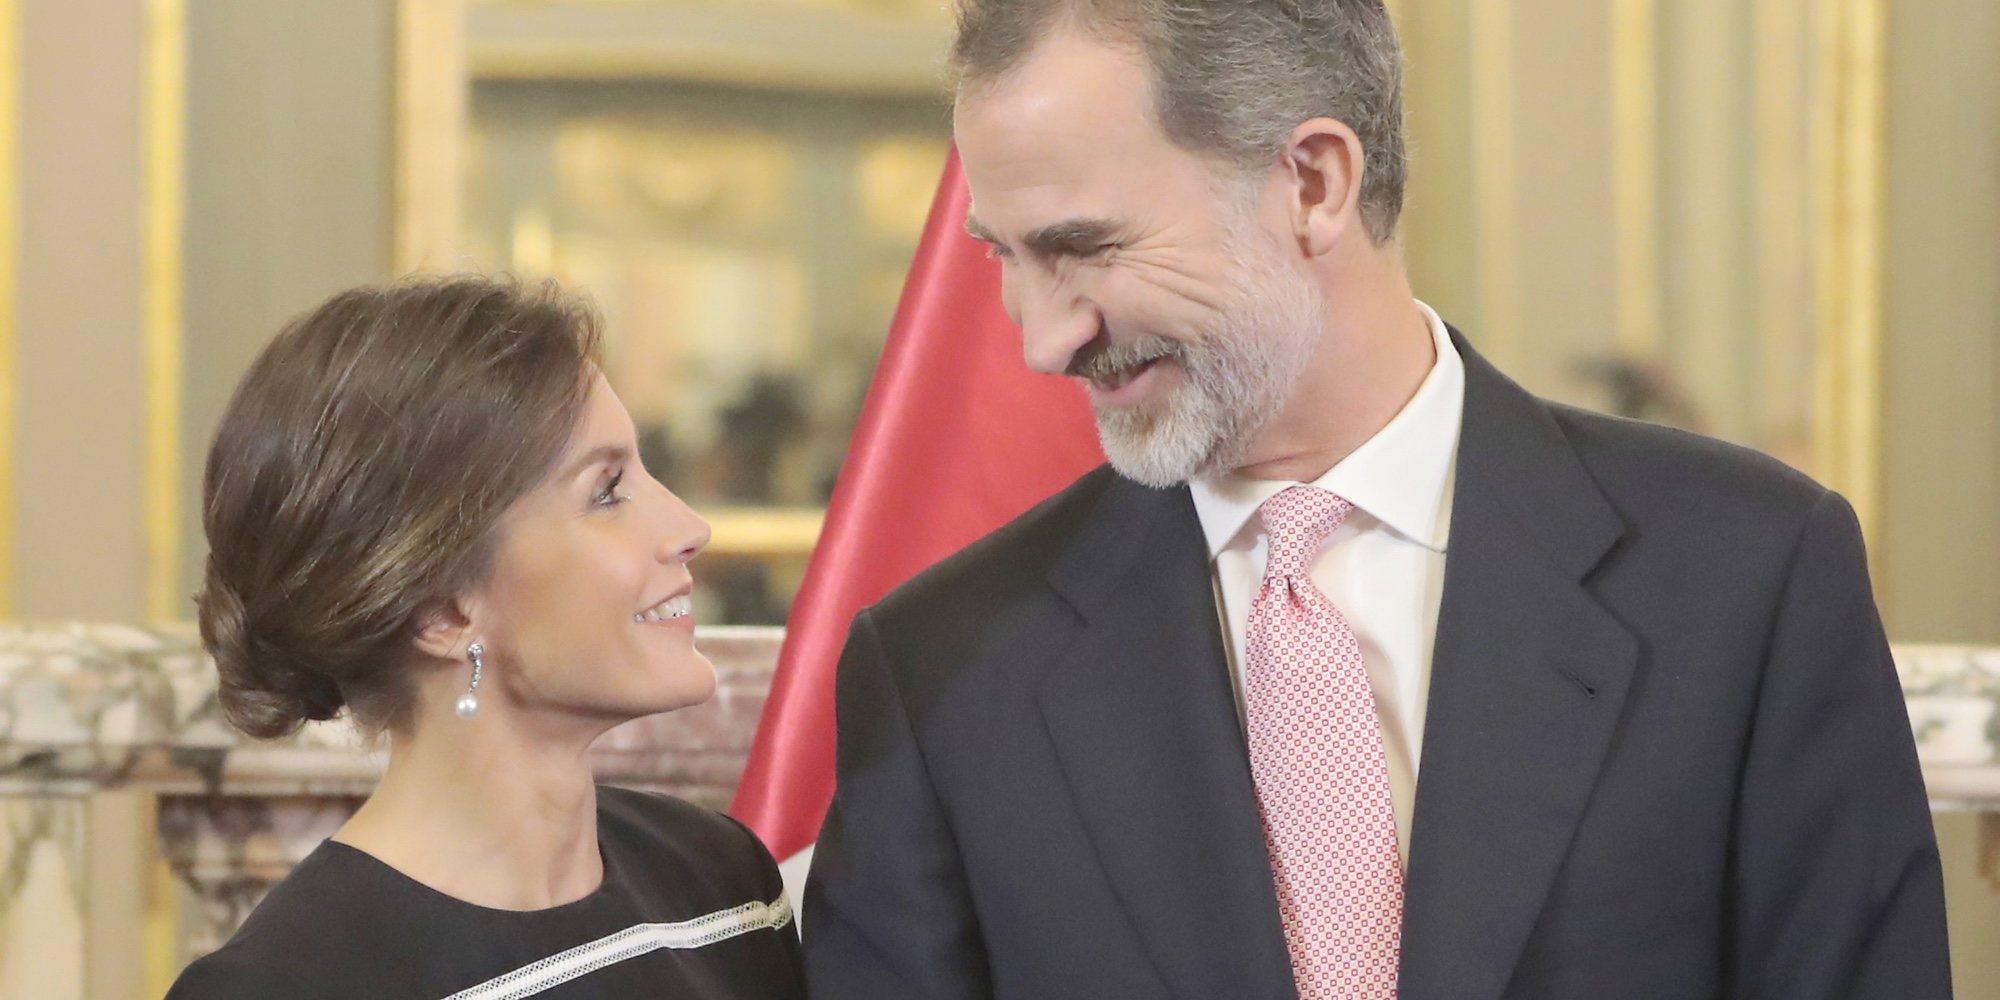 Los detalles de la cena romántica de los Reyes Felipe y Letizia en Madrid